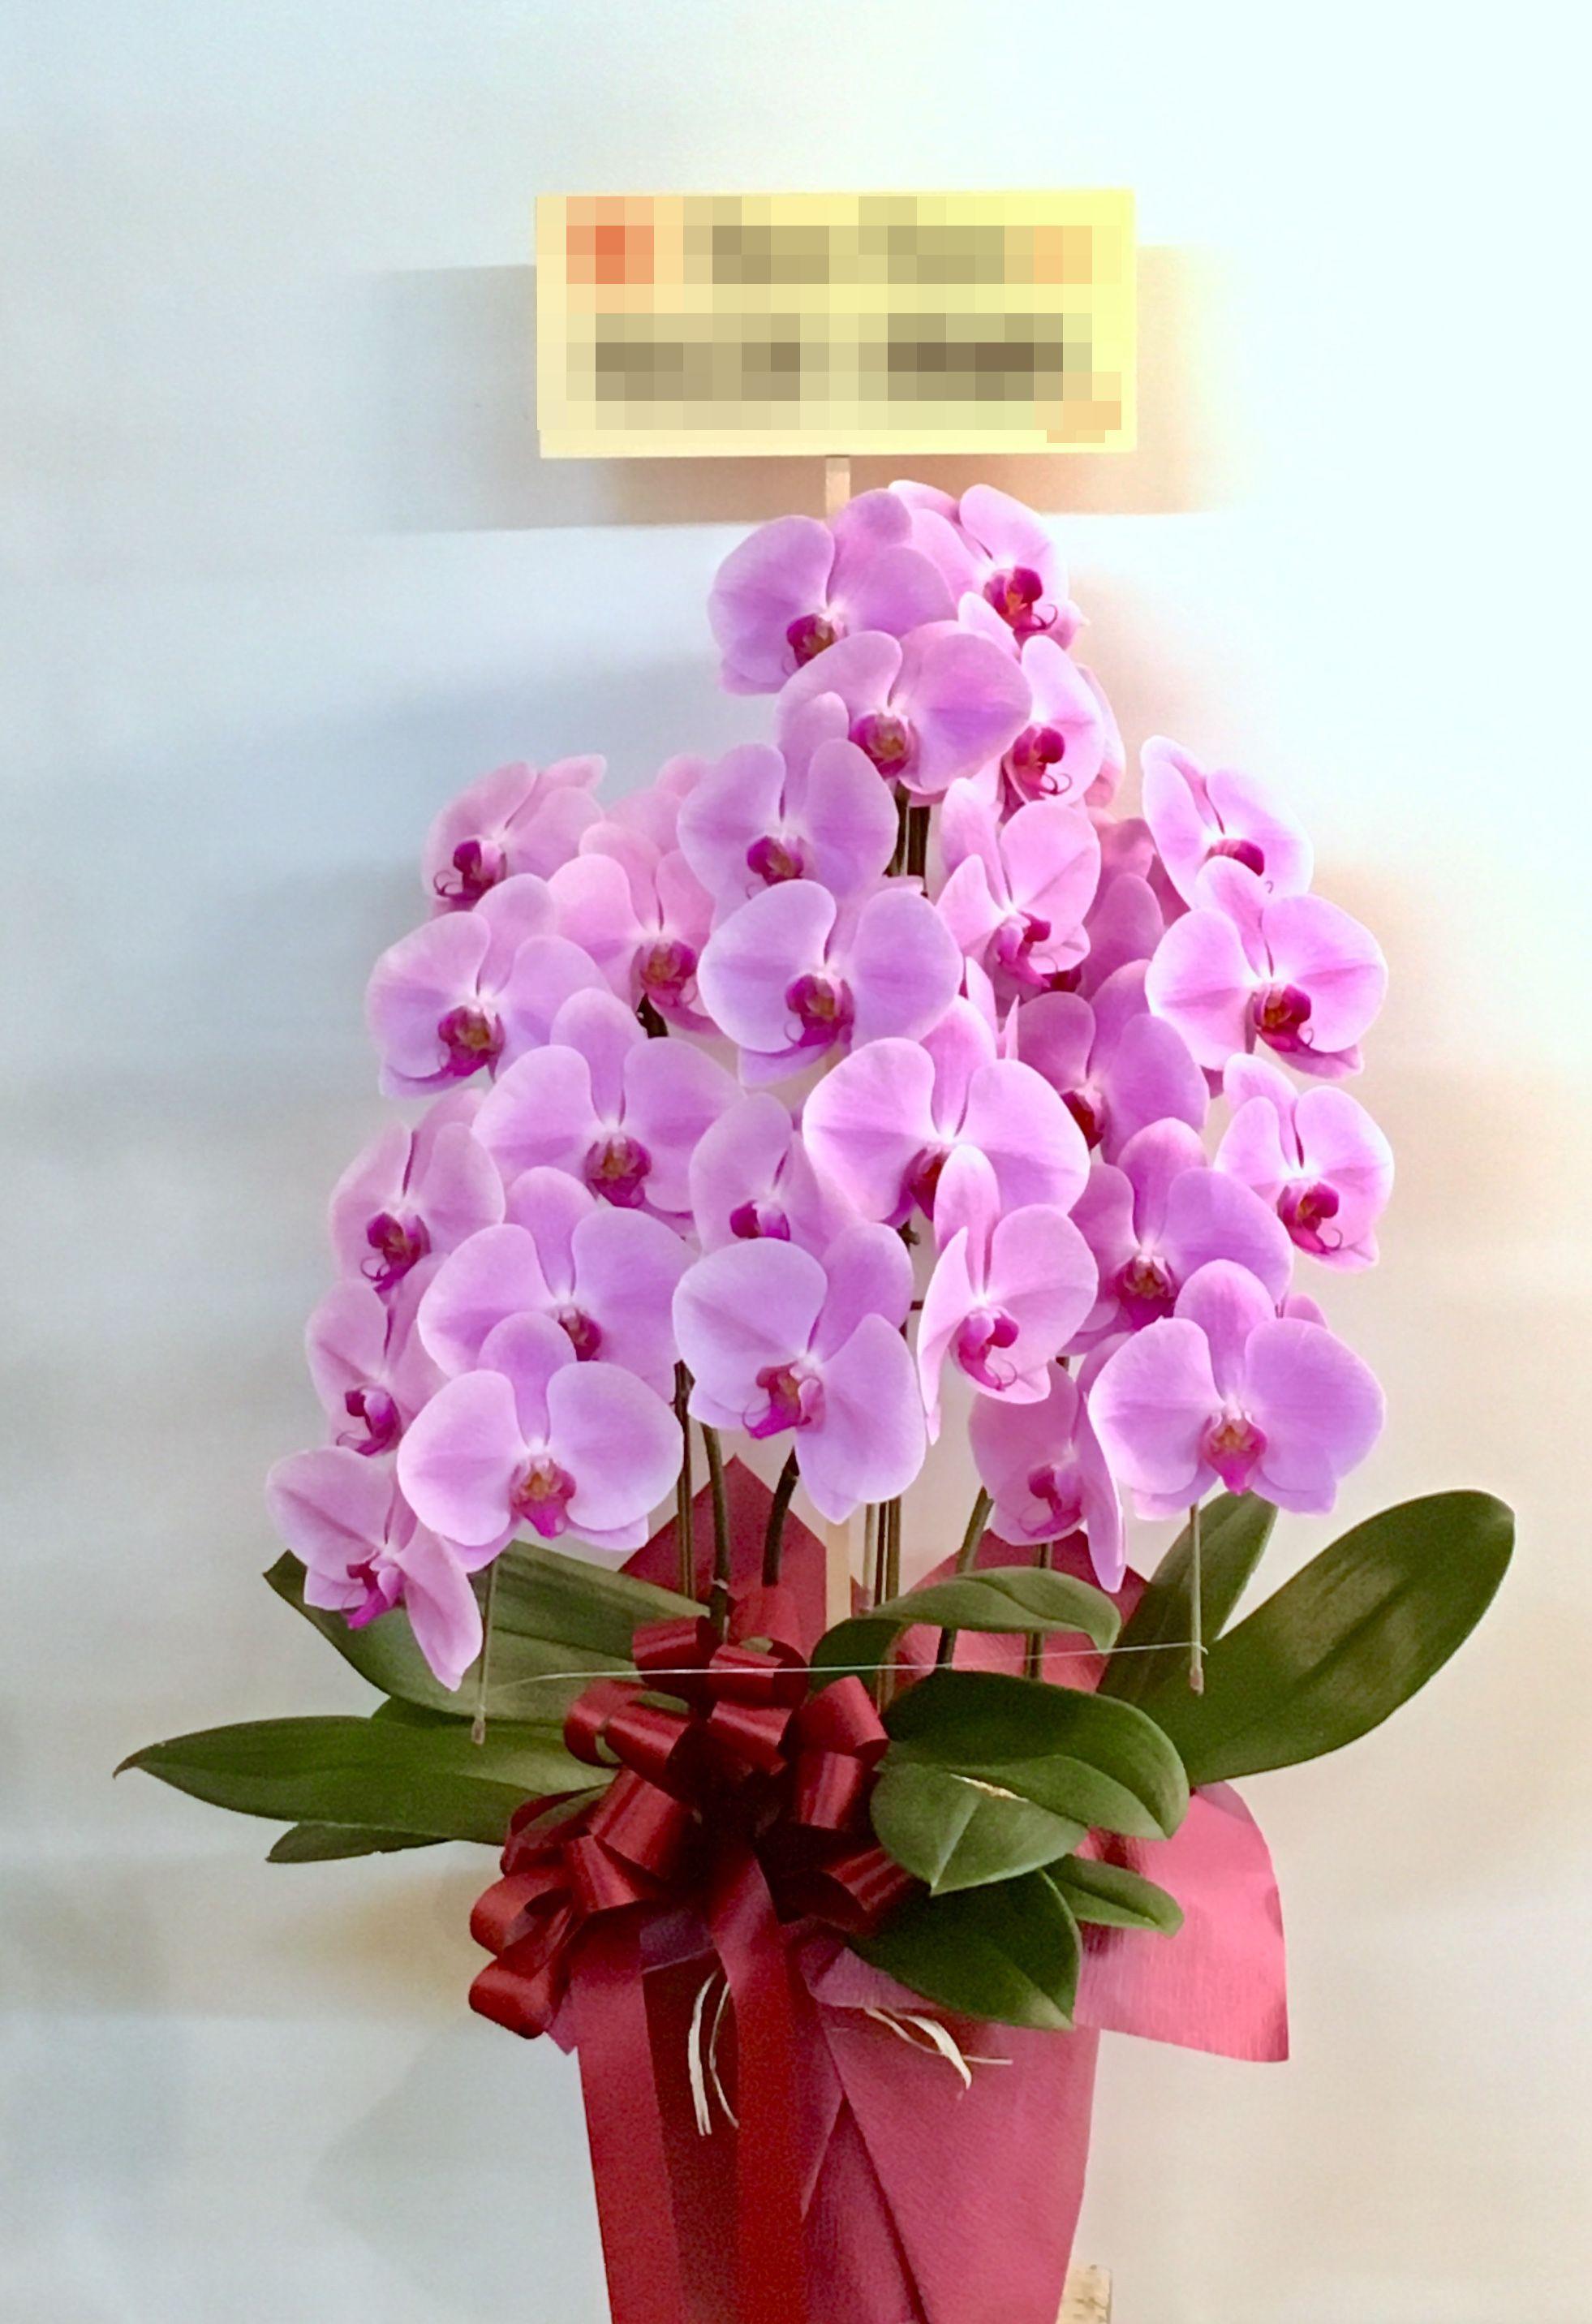 【ナオ花屋の納品事例33】横浜市関内の法人企業様へ胡蝶蘭を配達しました!